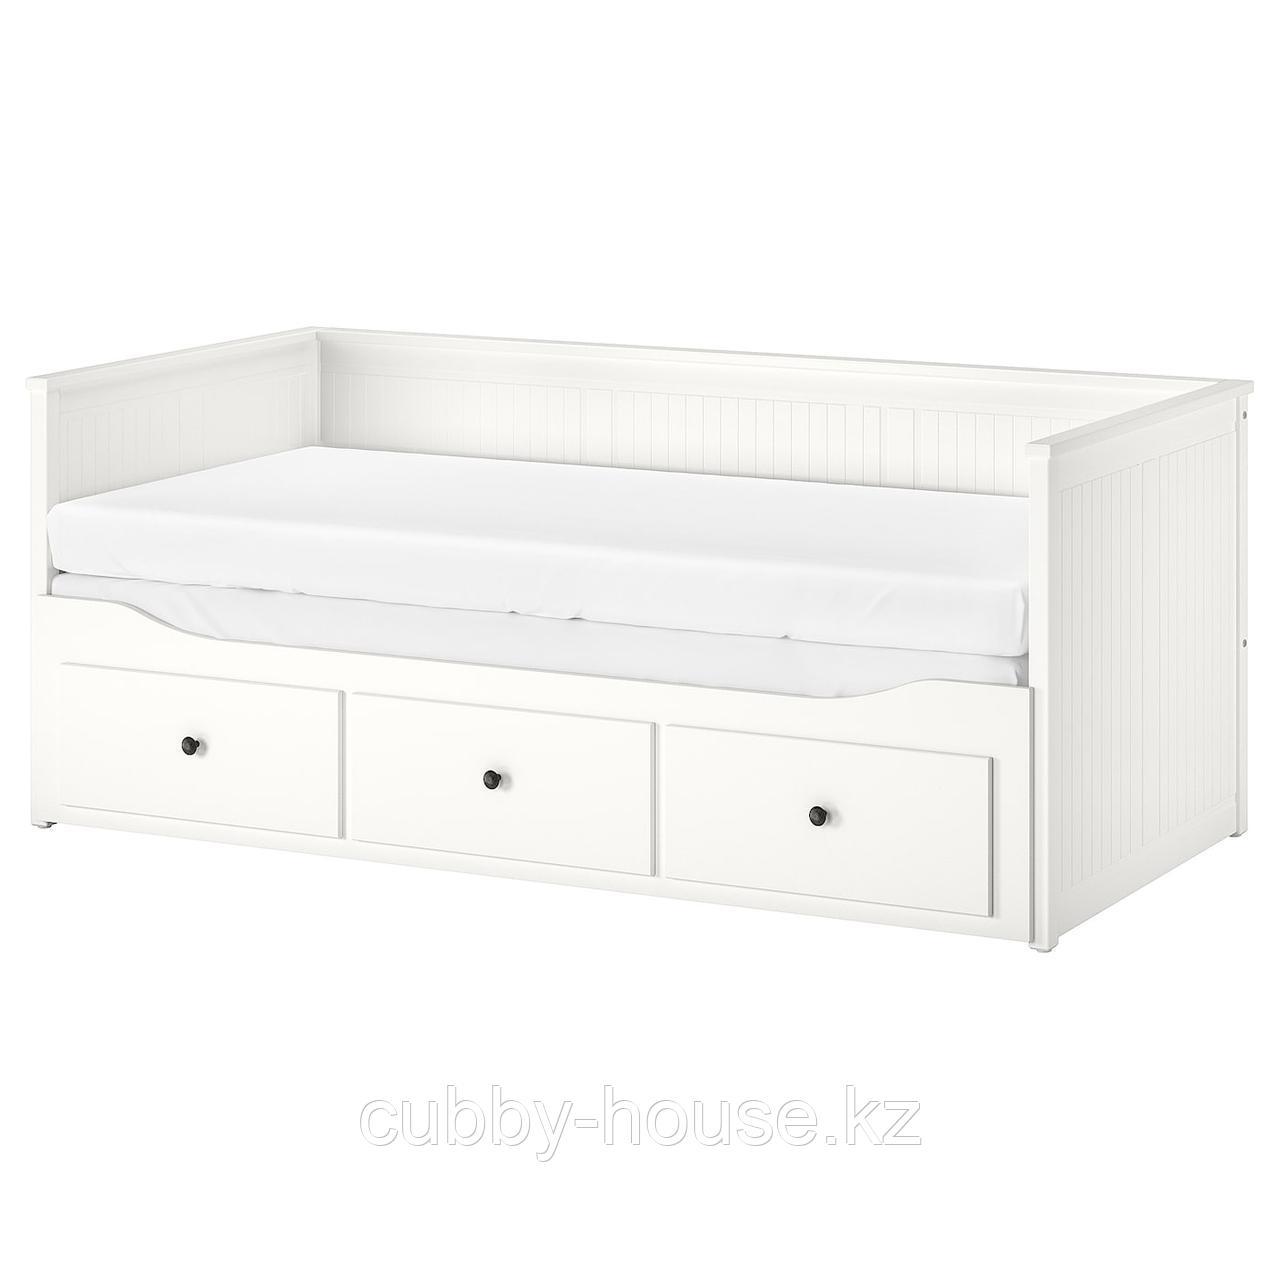 ХЕМНЭС Каркас кровати-кушетки с 3 ящиками, белый, 80x200 см